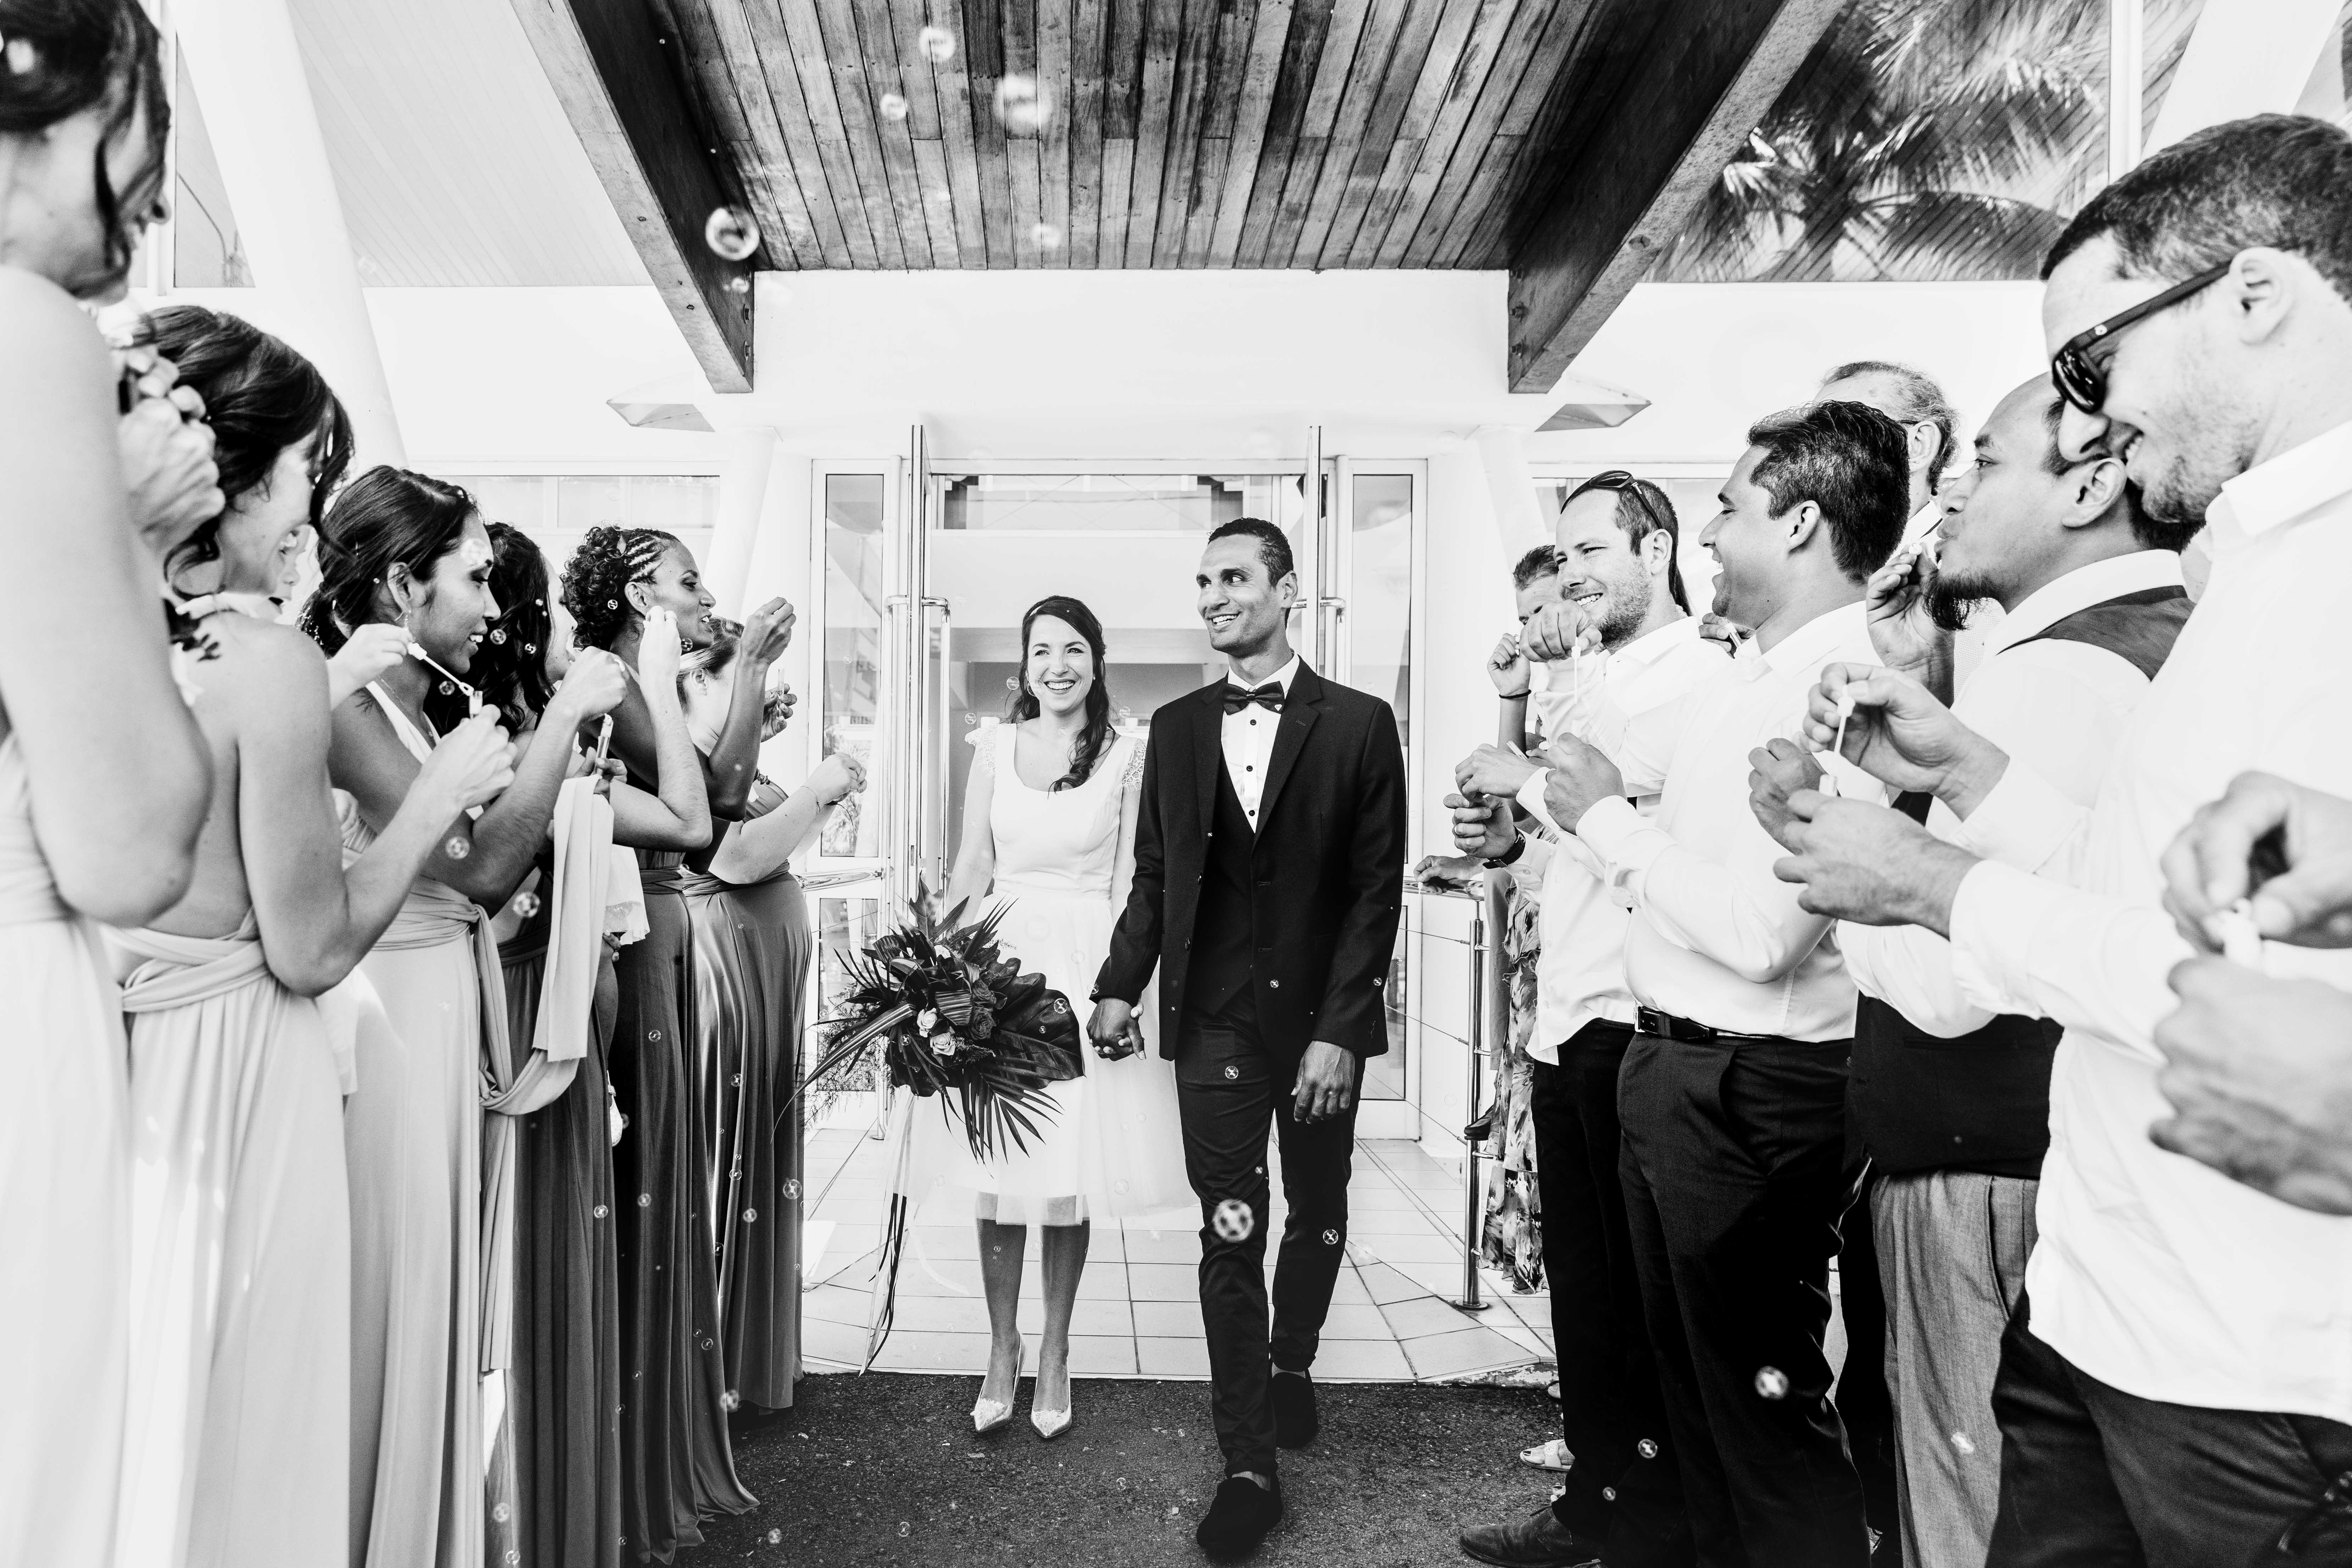 photo noir et blanc, les mariés sortent de la mairie, les invités soufflent des bulles